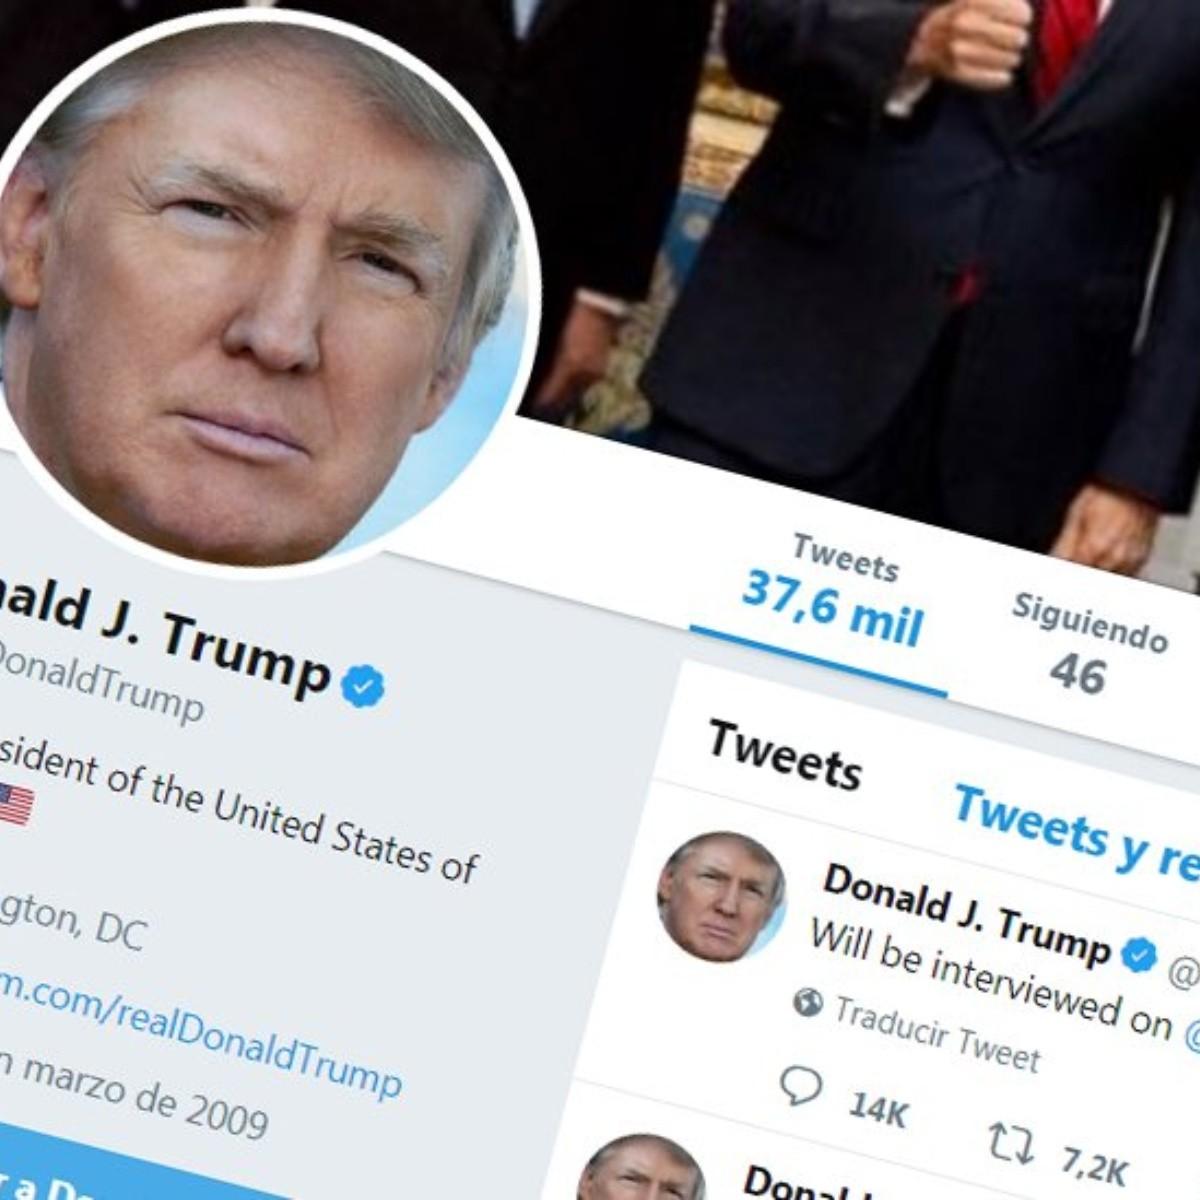 El hacker que adivinó la contraseña de Twitter de Donald Trump